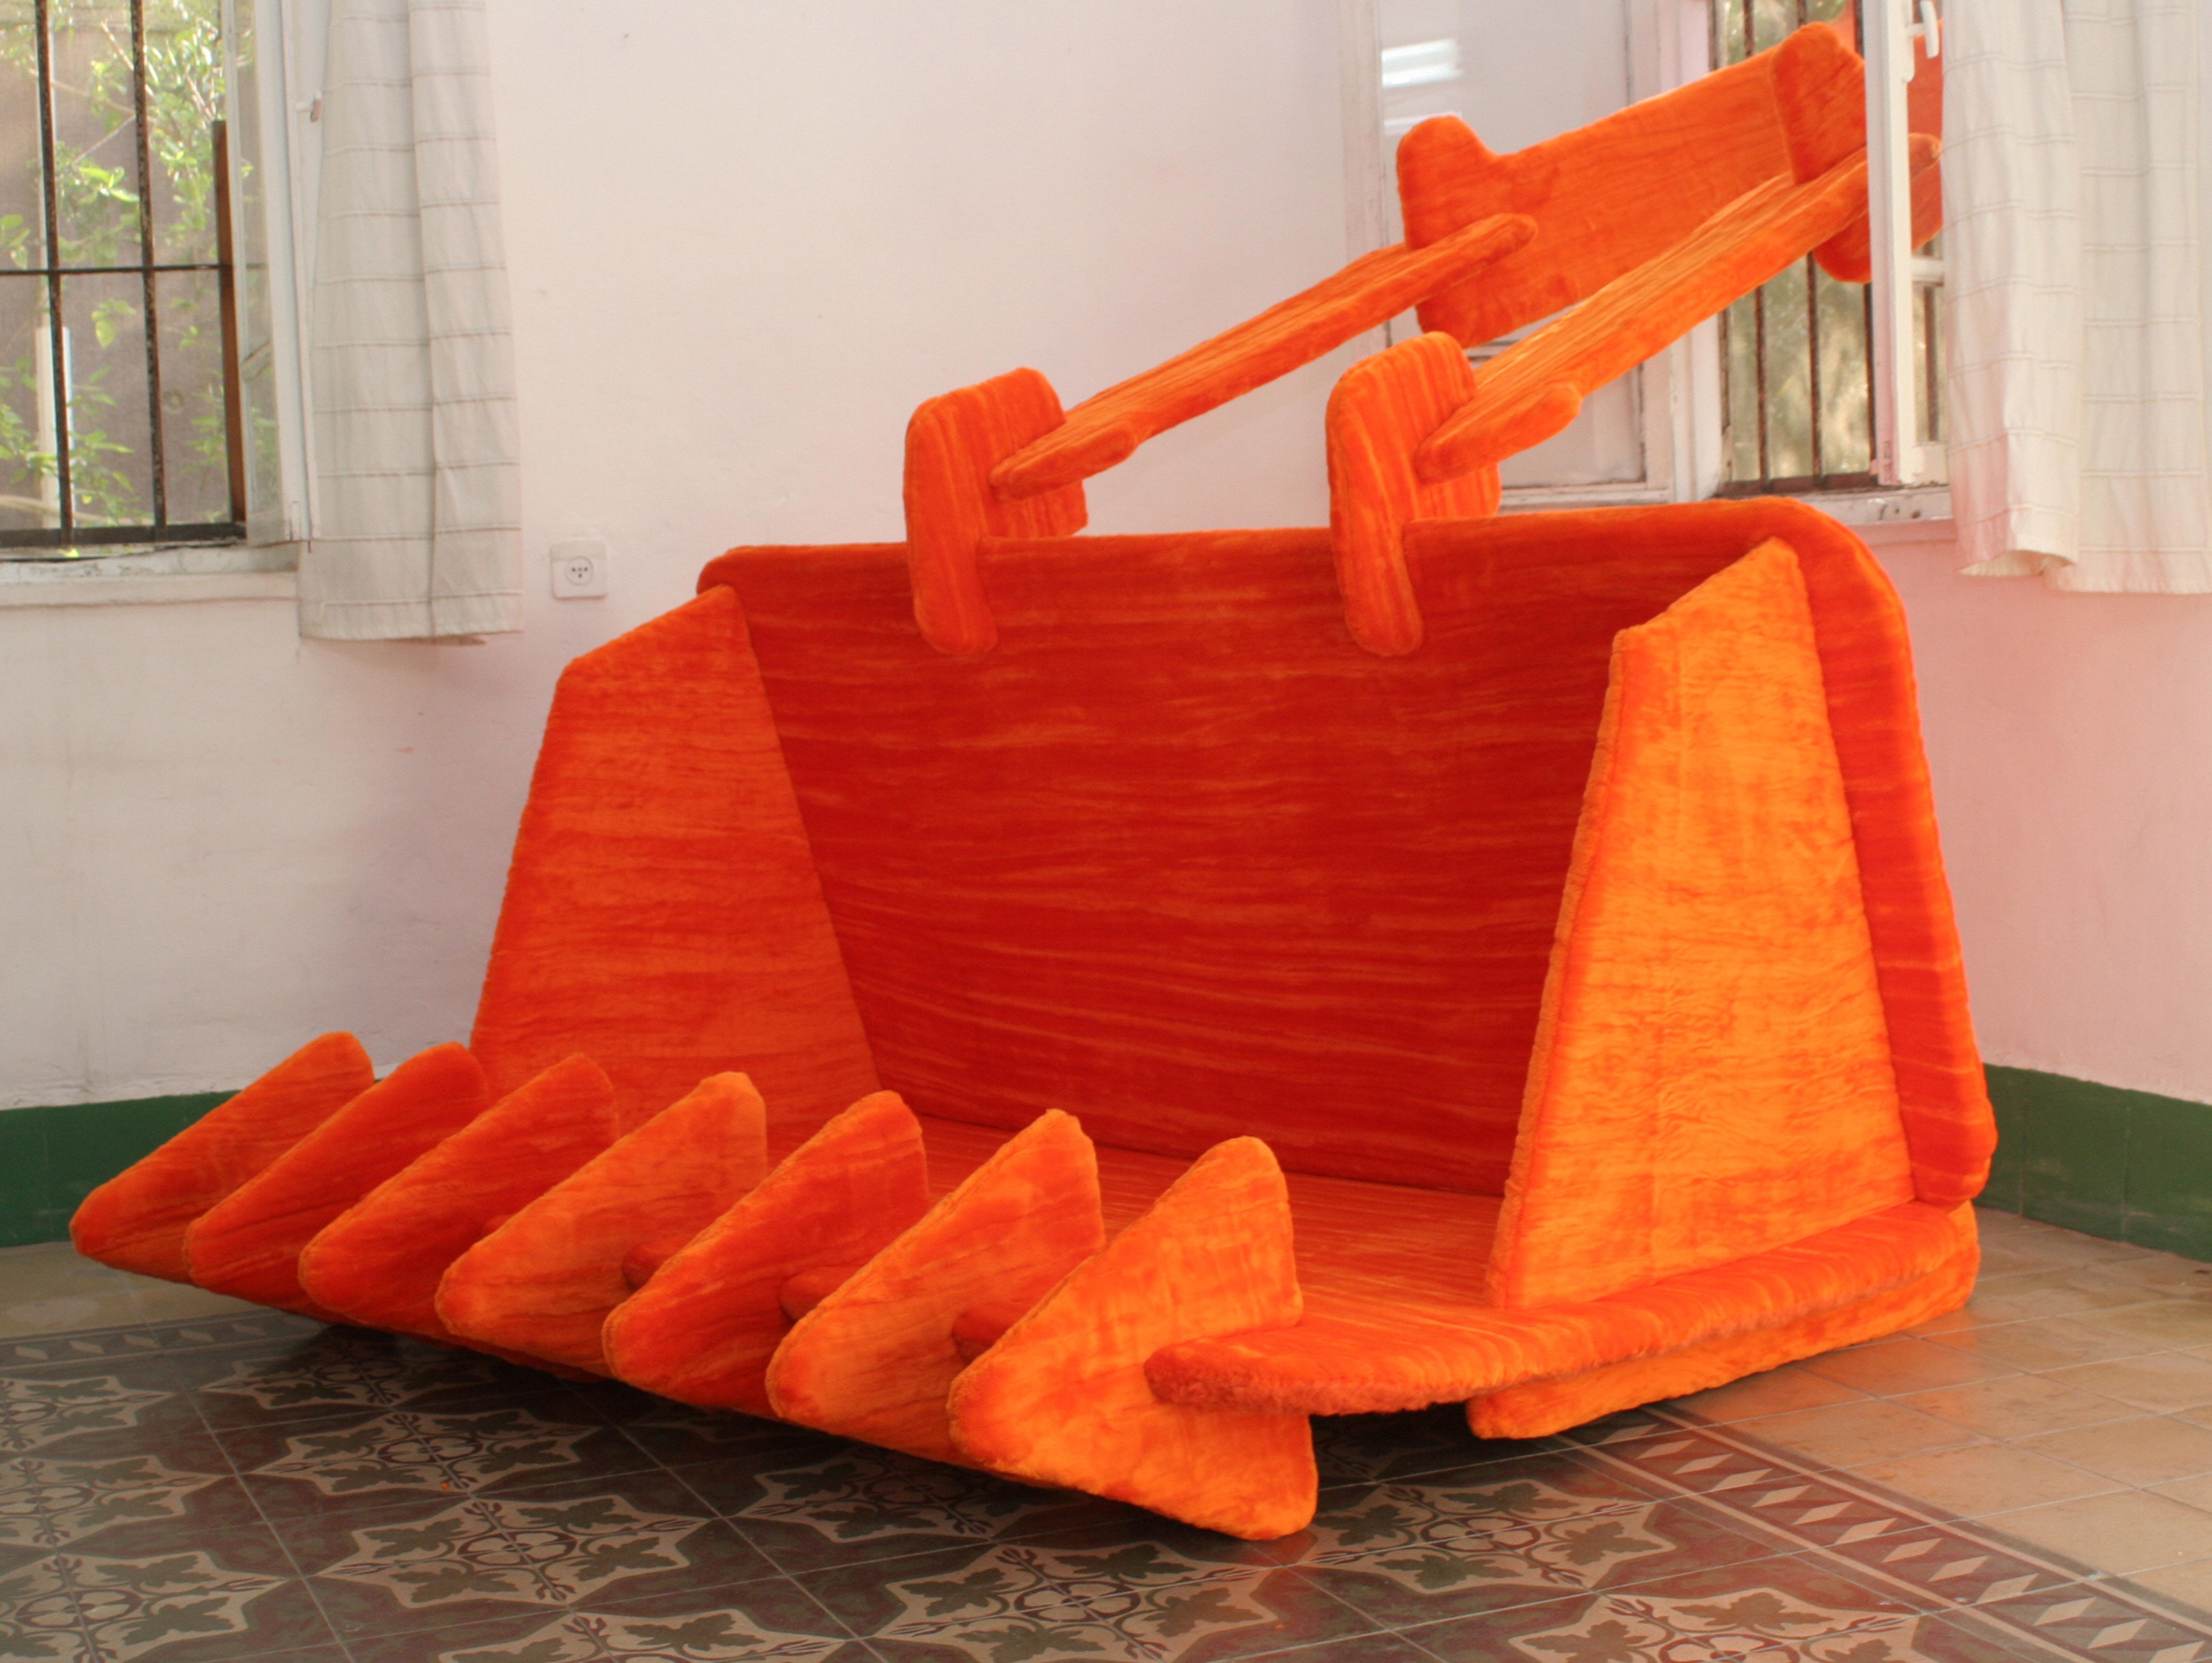 Shoofel (tractor), 2008